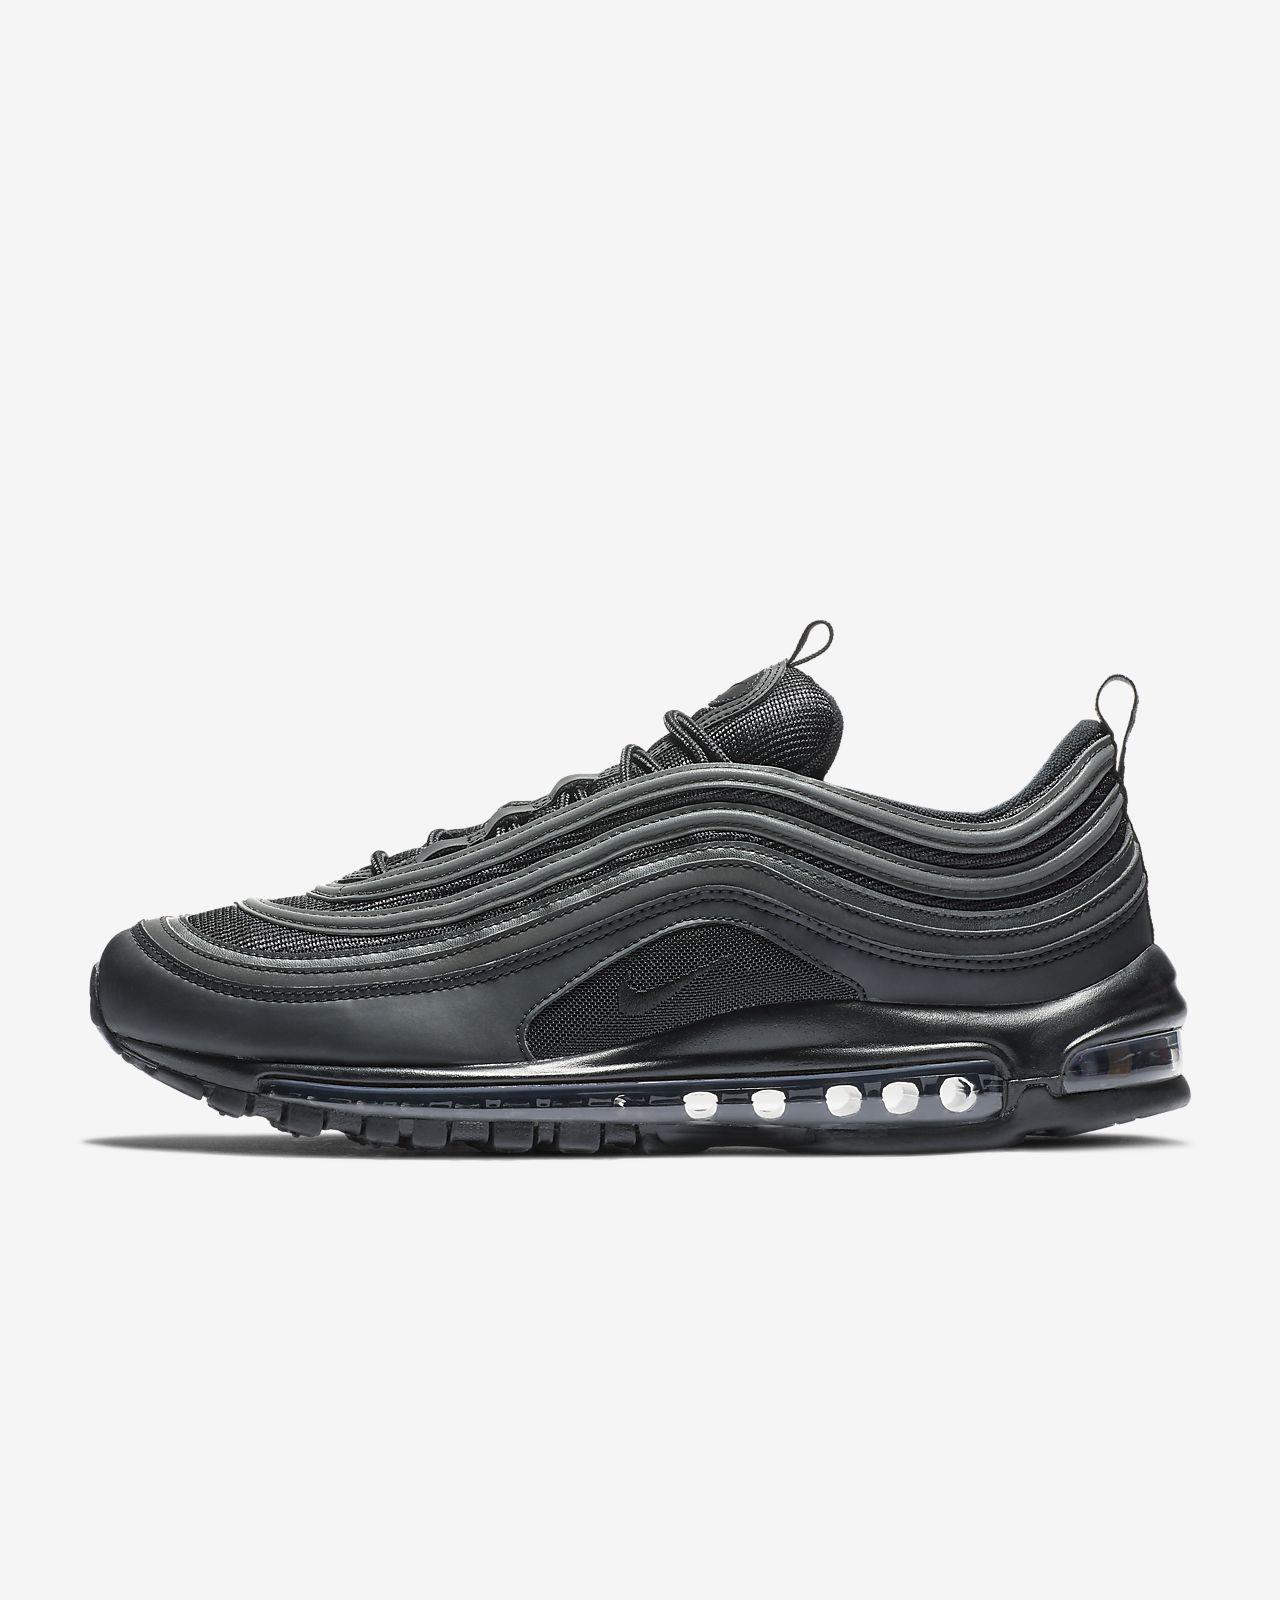 Ανδρικό παπούτσι Nike Air Max 97